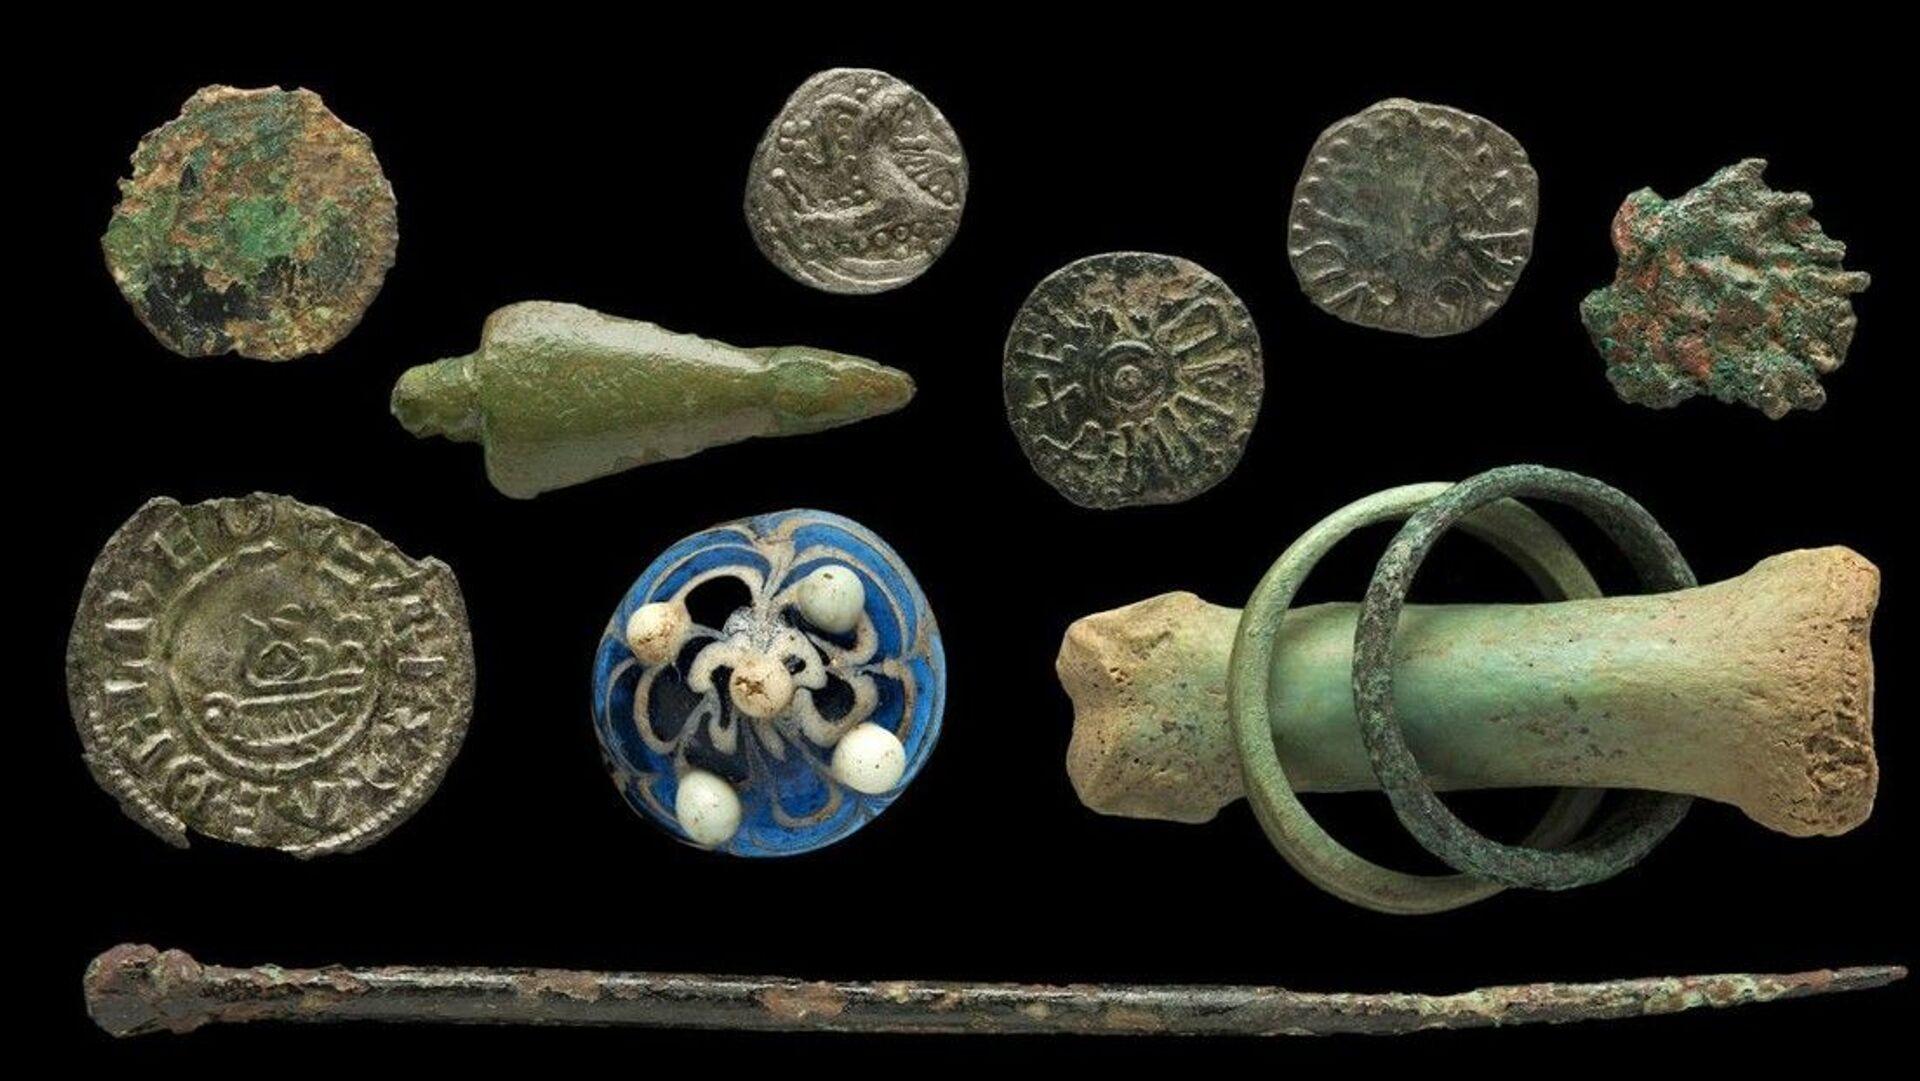 Пронађене фигуре из друштвене игре Викинга, на оству око Енглеске - Sputnik Србија, 1920, 13.07.2021